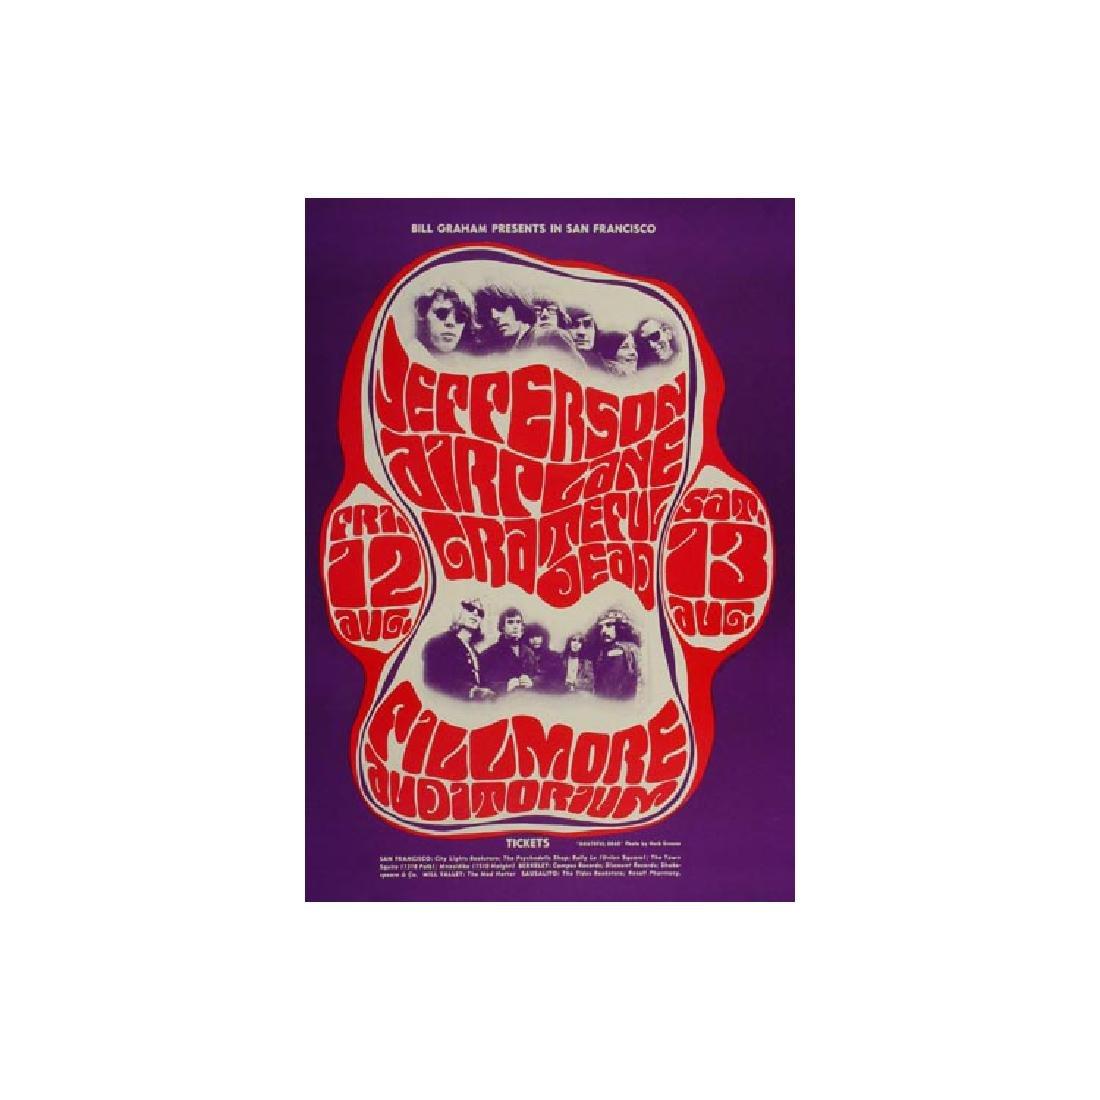 Grateful Dead - Jefferson Airplane - 1966 Fillmore